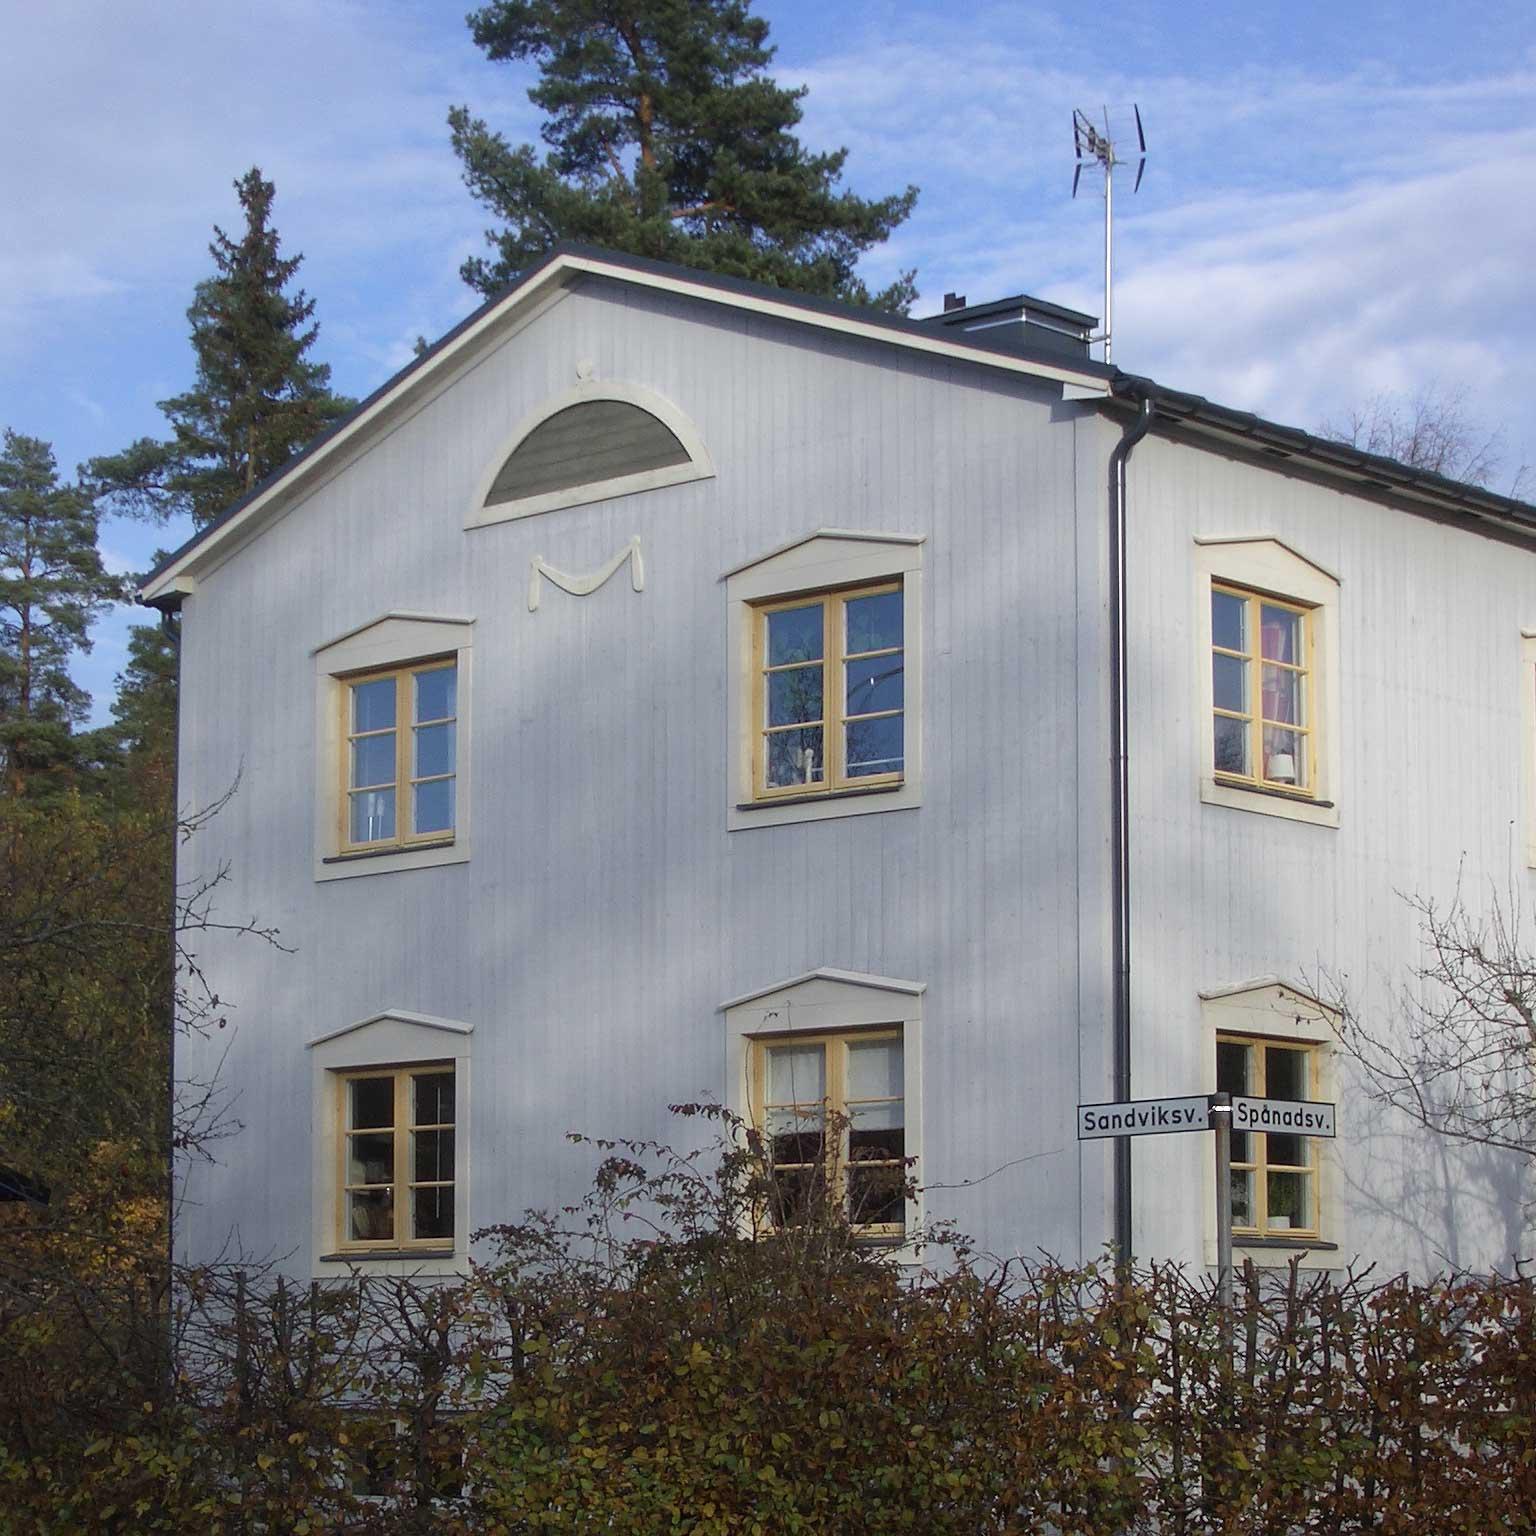 Blindfönster och festong på gaveln. För att förstå mer detaljerna på huset bör kan titta på originalet, Villa Snellman i Djursholm. Bilder finns på internet.